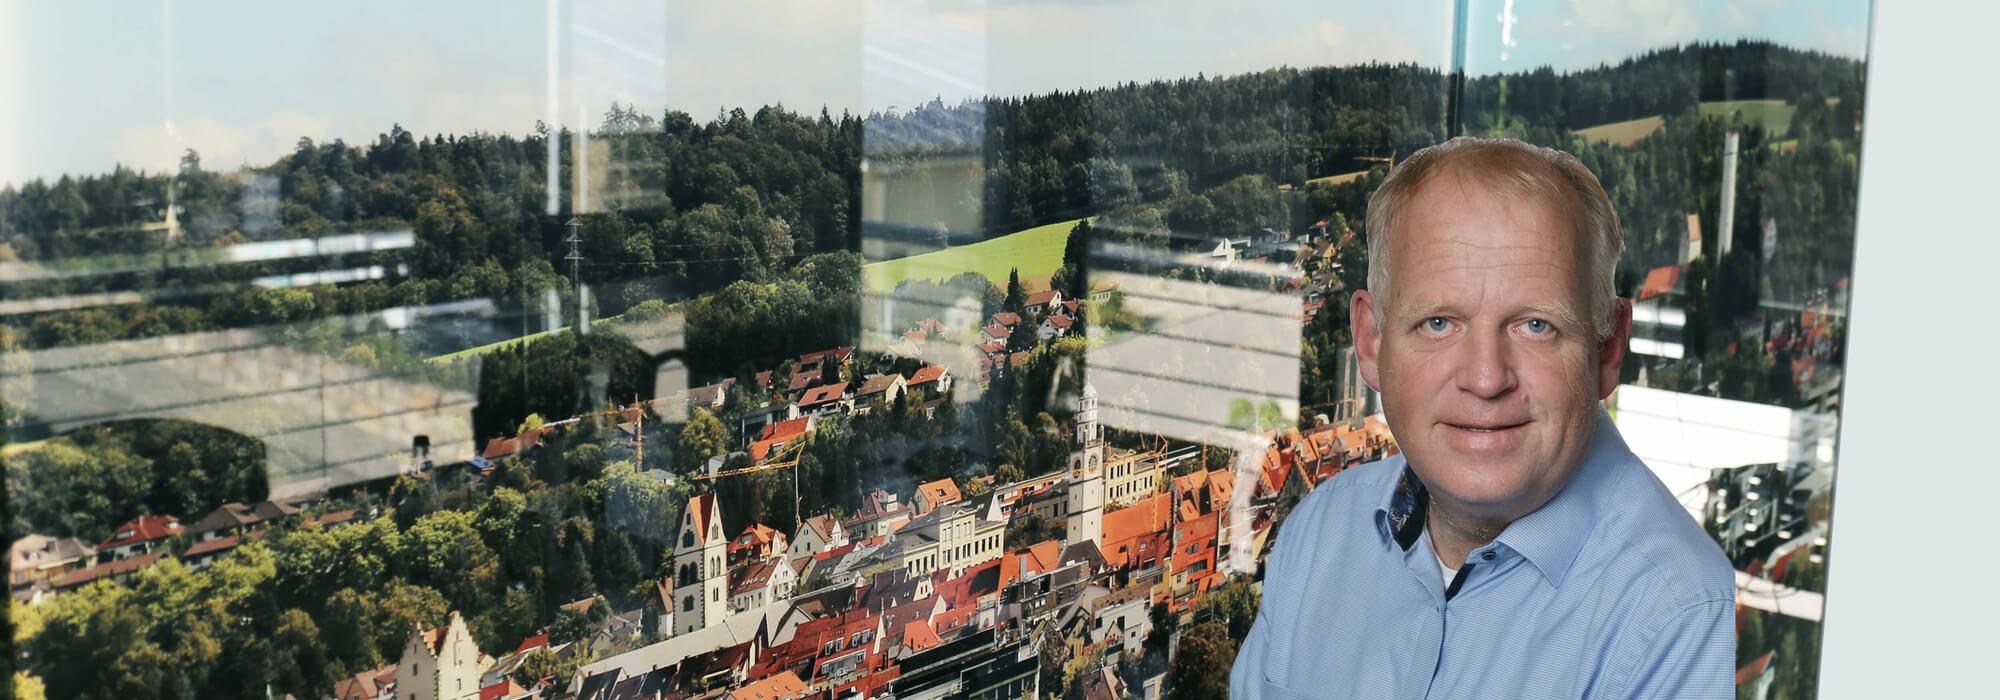 Heiko Meyer: SPRINZ Interieur Handelsvertretung Hamburg, Schleswig-Holstein